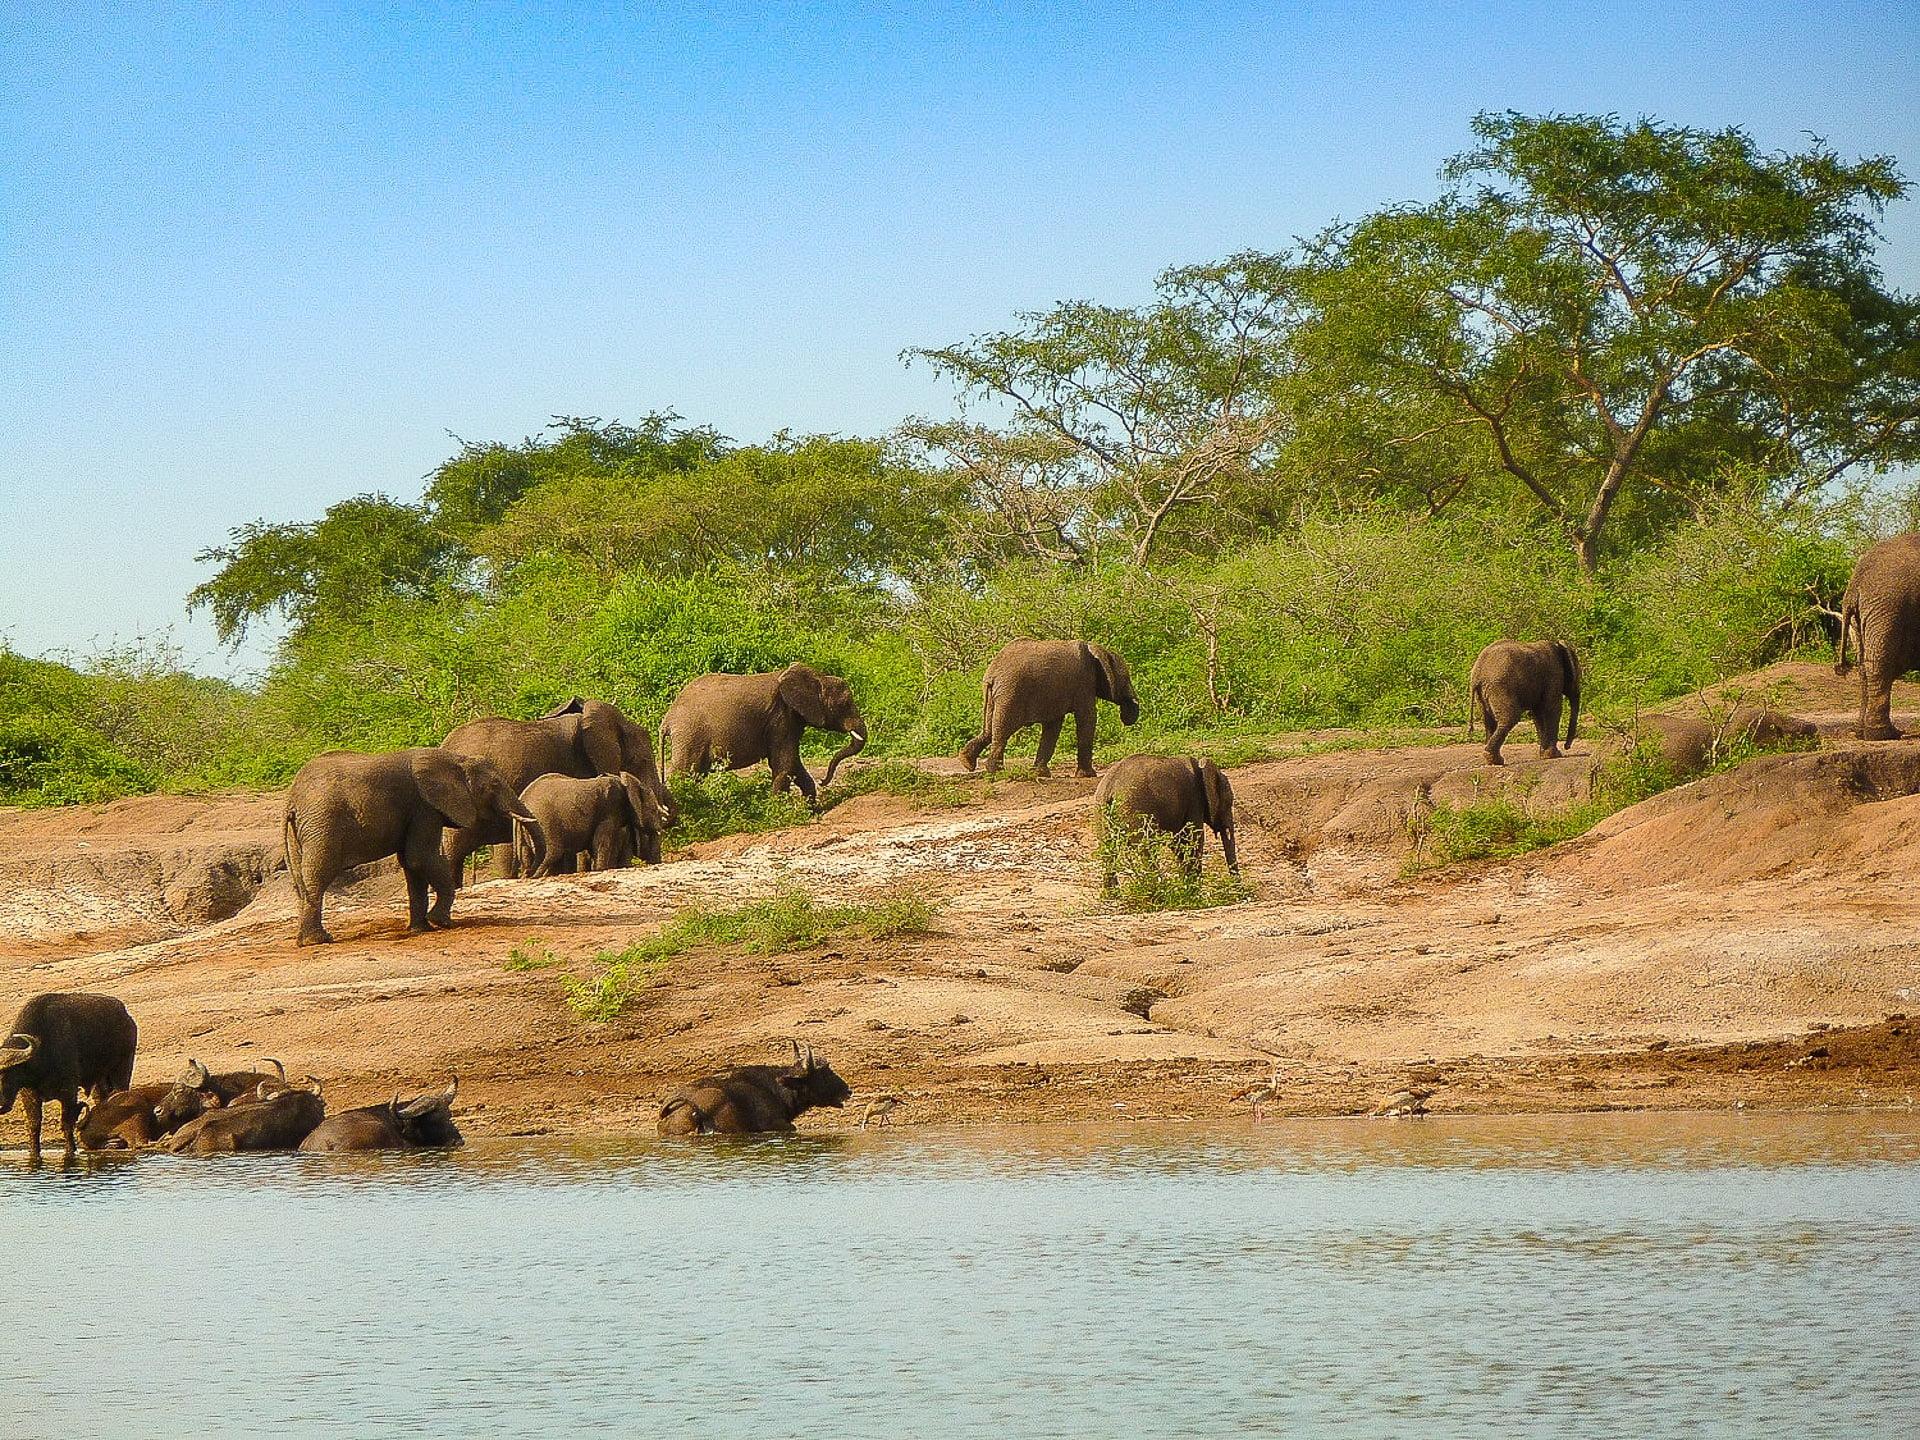 Les plus beaux paysages d'Afrique - parc national queen elizabeth en Ouganda